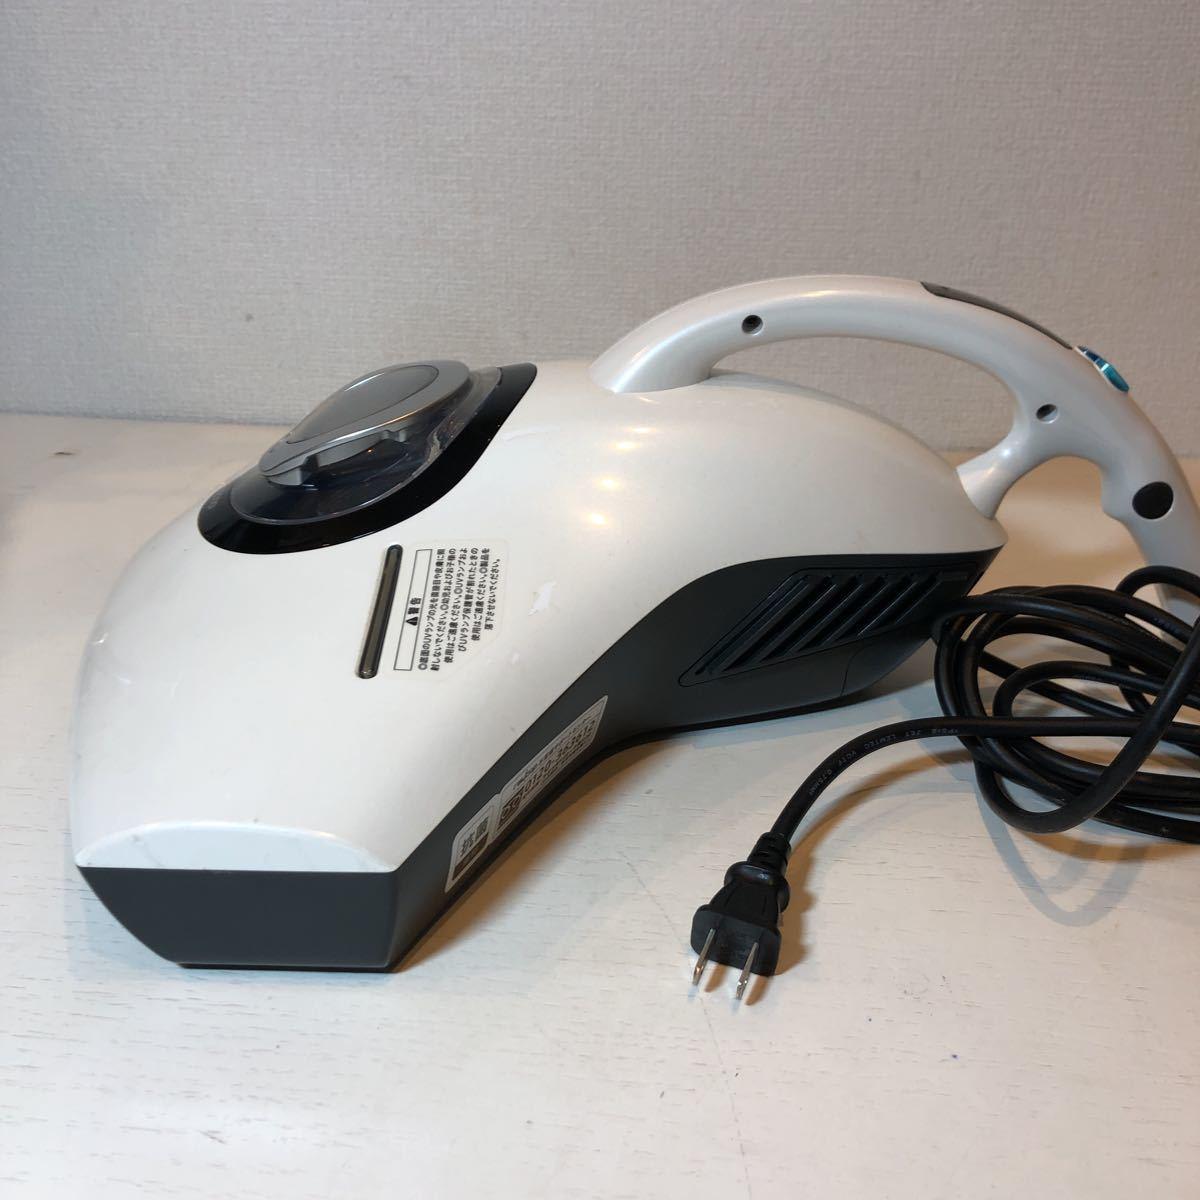 ★★※ レイコップ 布団クリーナー raycop RS-300JWH ホワイトパール _画像6